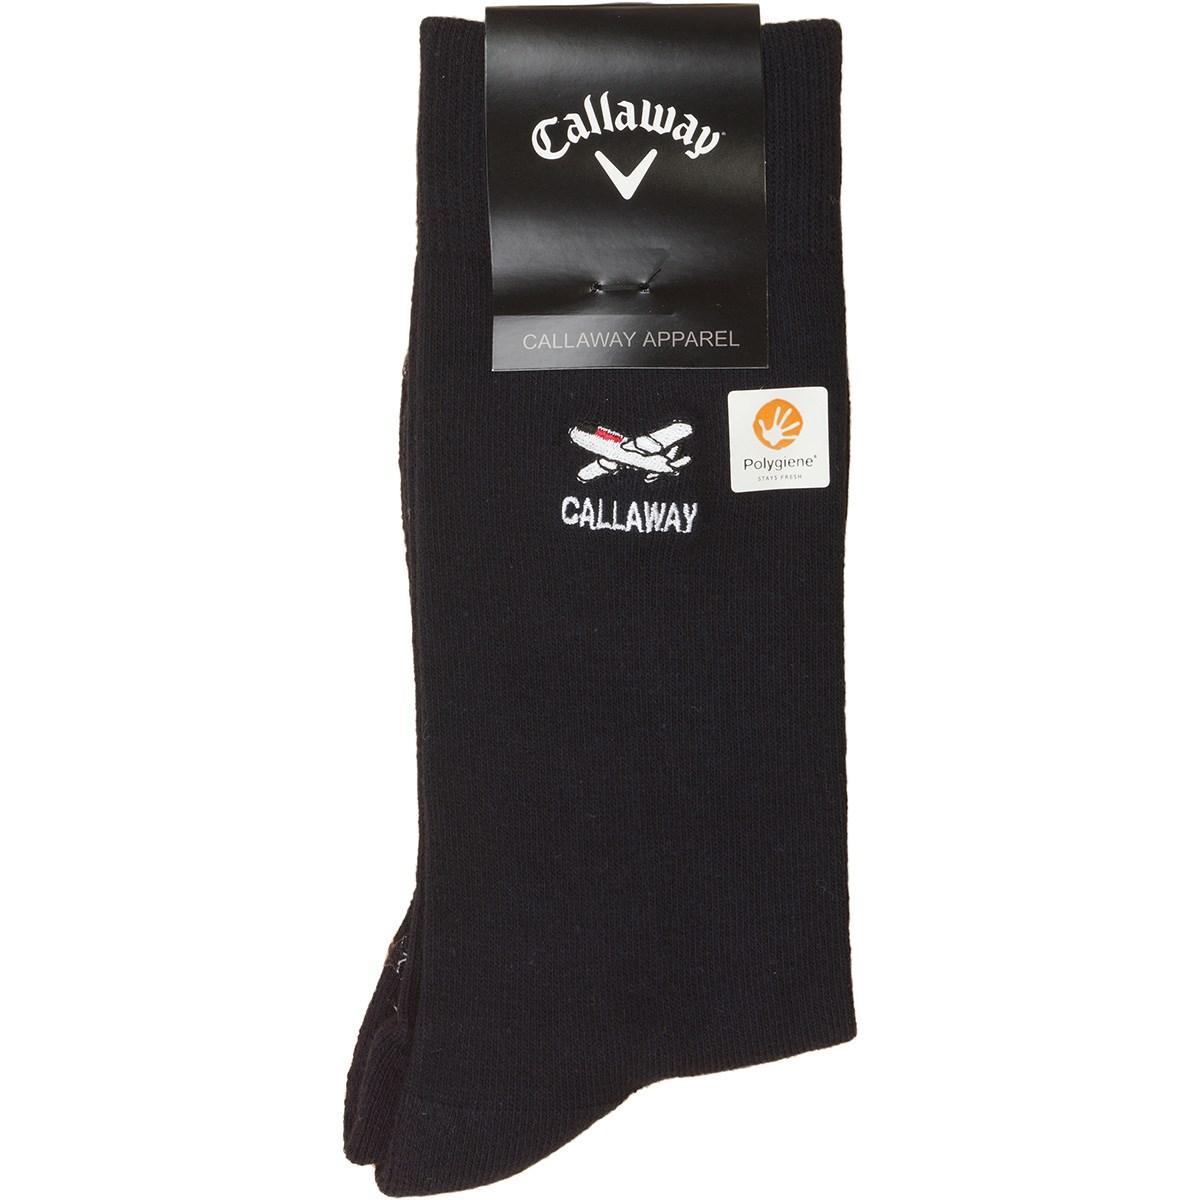 キャロウェイゴルフ(Callaway Golf) ワンポイントクルーソックス